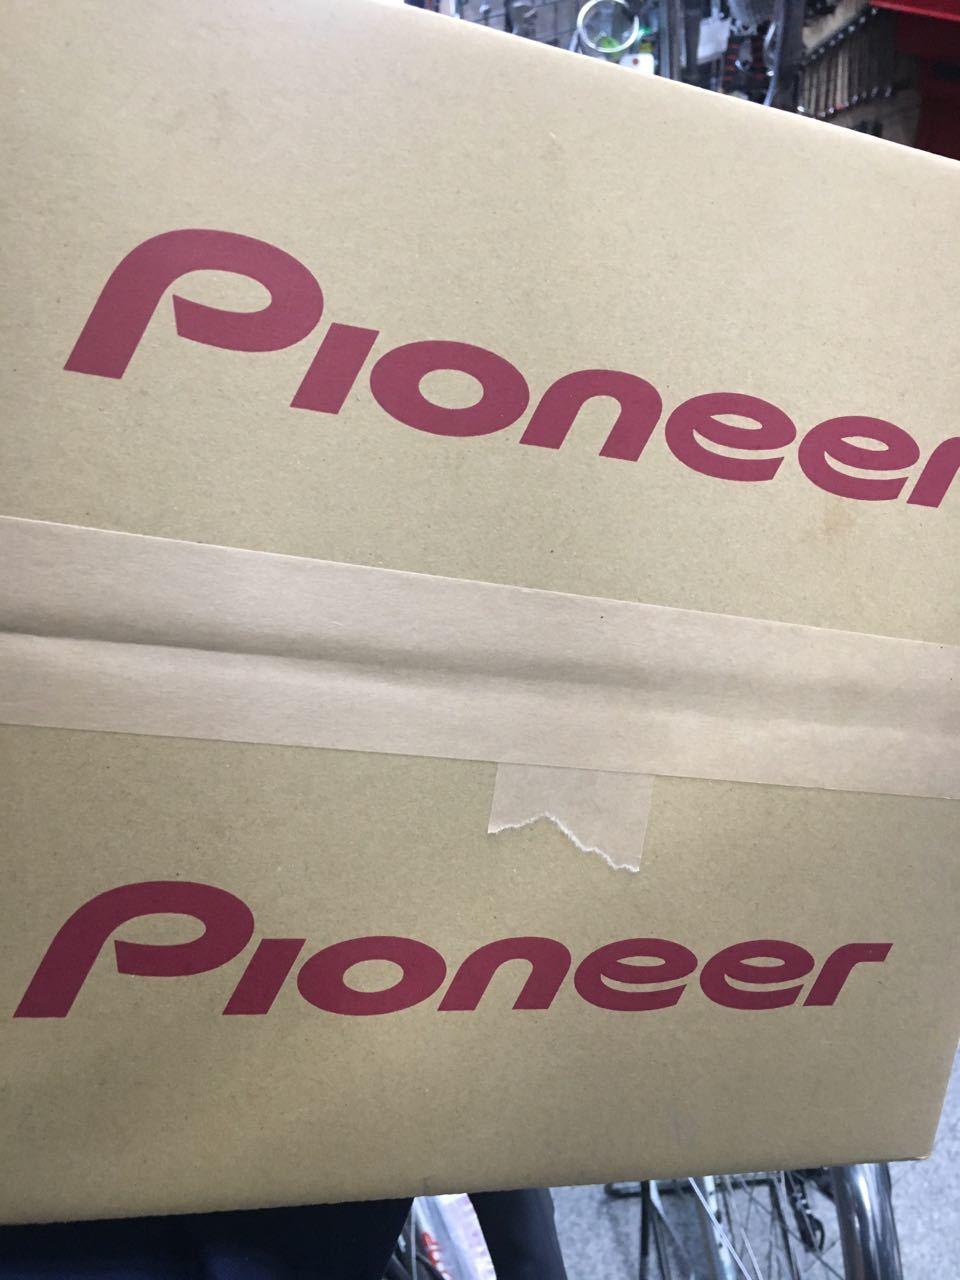 2019.02.28「PIONEERキャンペーンは3月11日迄!」_c0197974_03425544.jpg